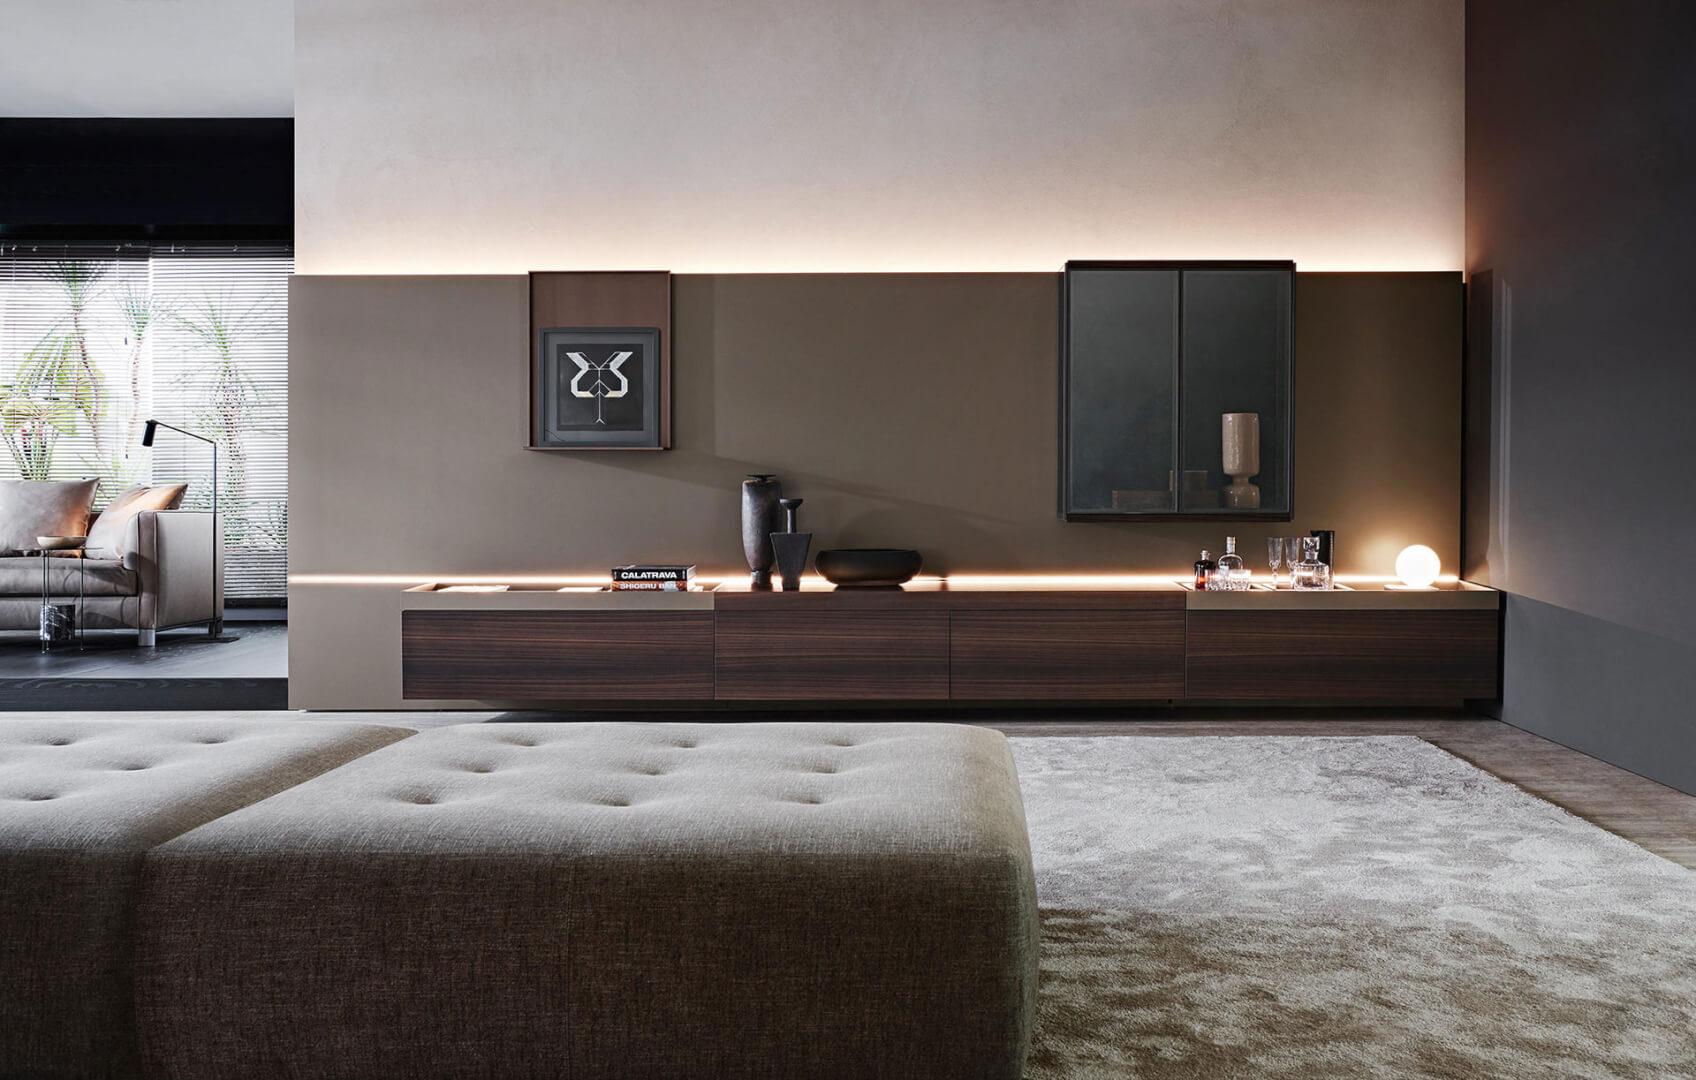 Componibile Grid - Devincenti negozio arredamento design Verona